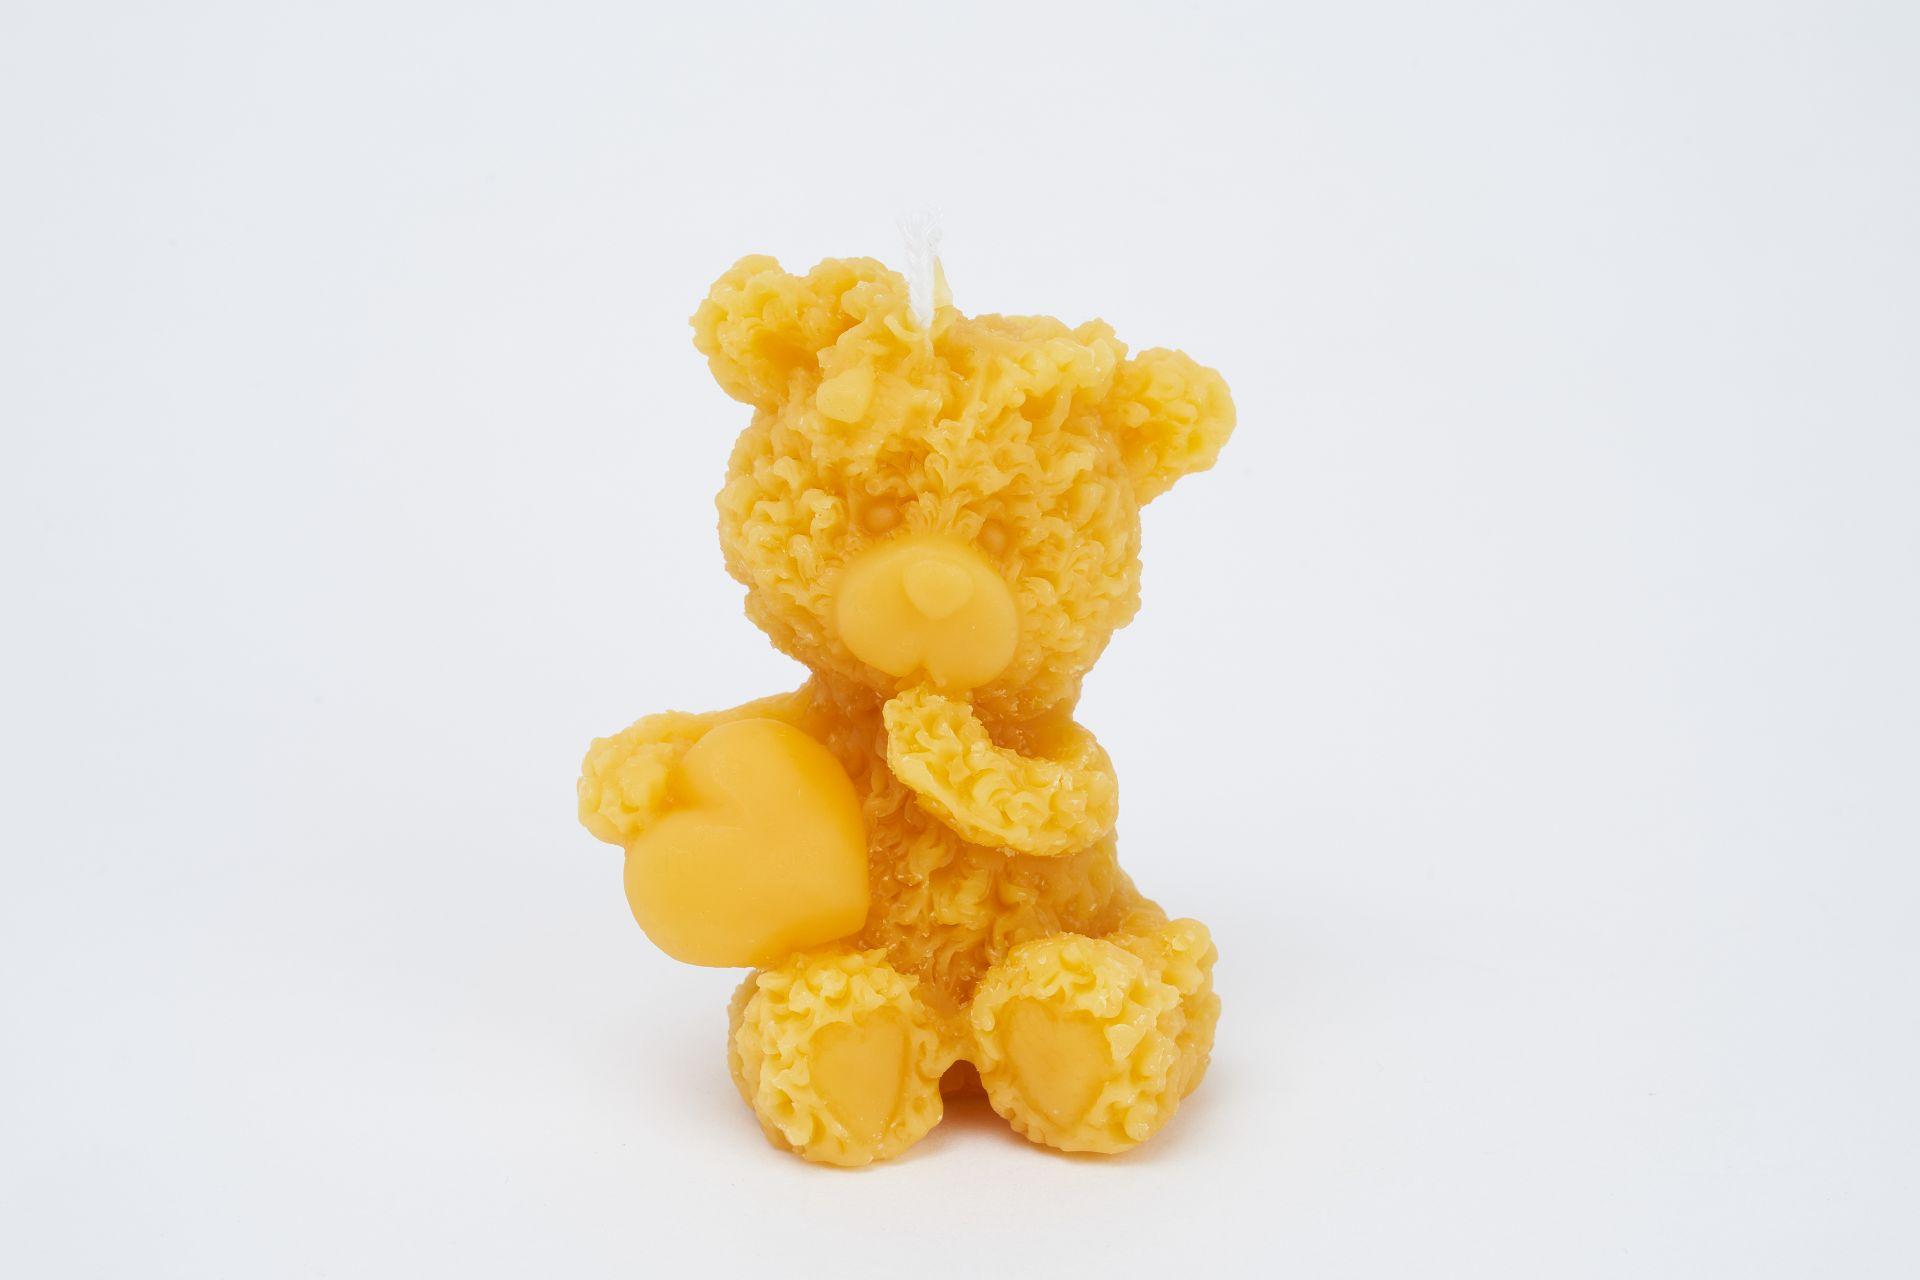 Teddy mit Herz (Höhe ca. 7,5cm) aus 100% Bienenwachs vom Imker